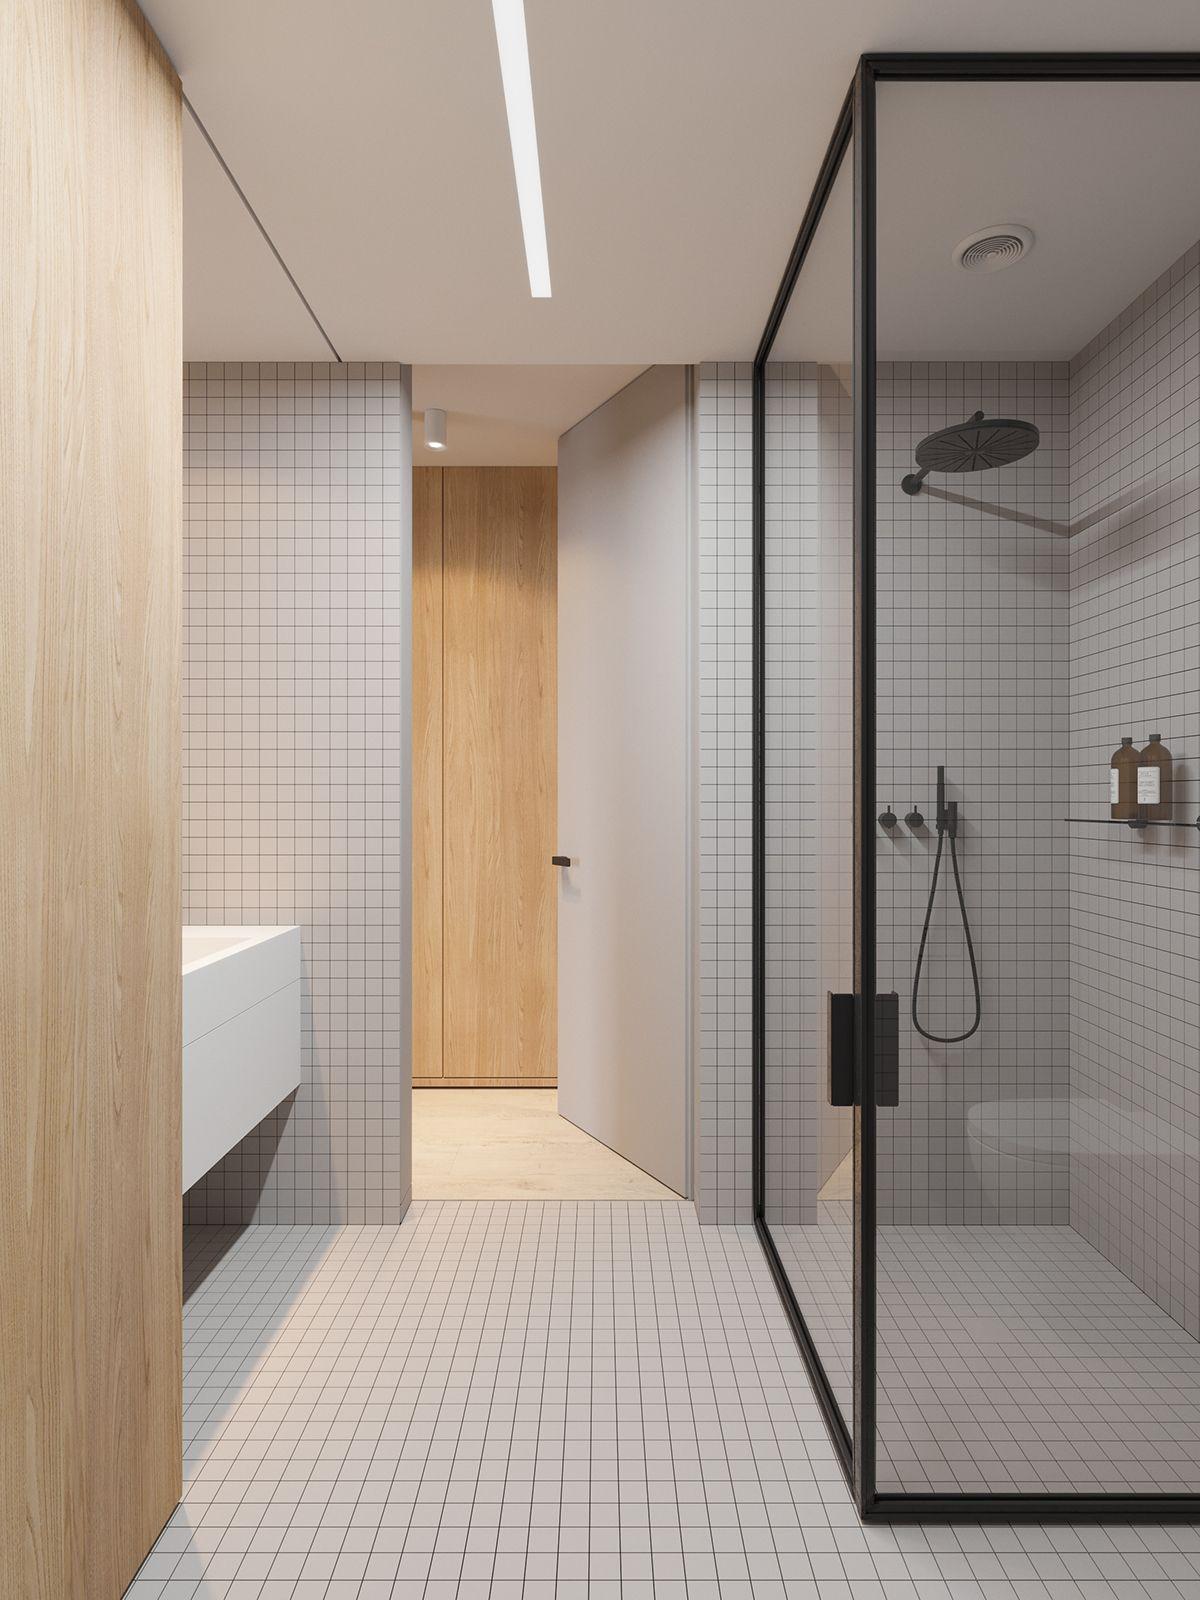 Square Tiles Minimalistisches Badezimmer Badezimmer Einrichtung